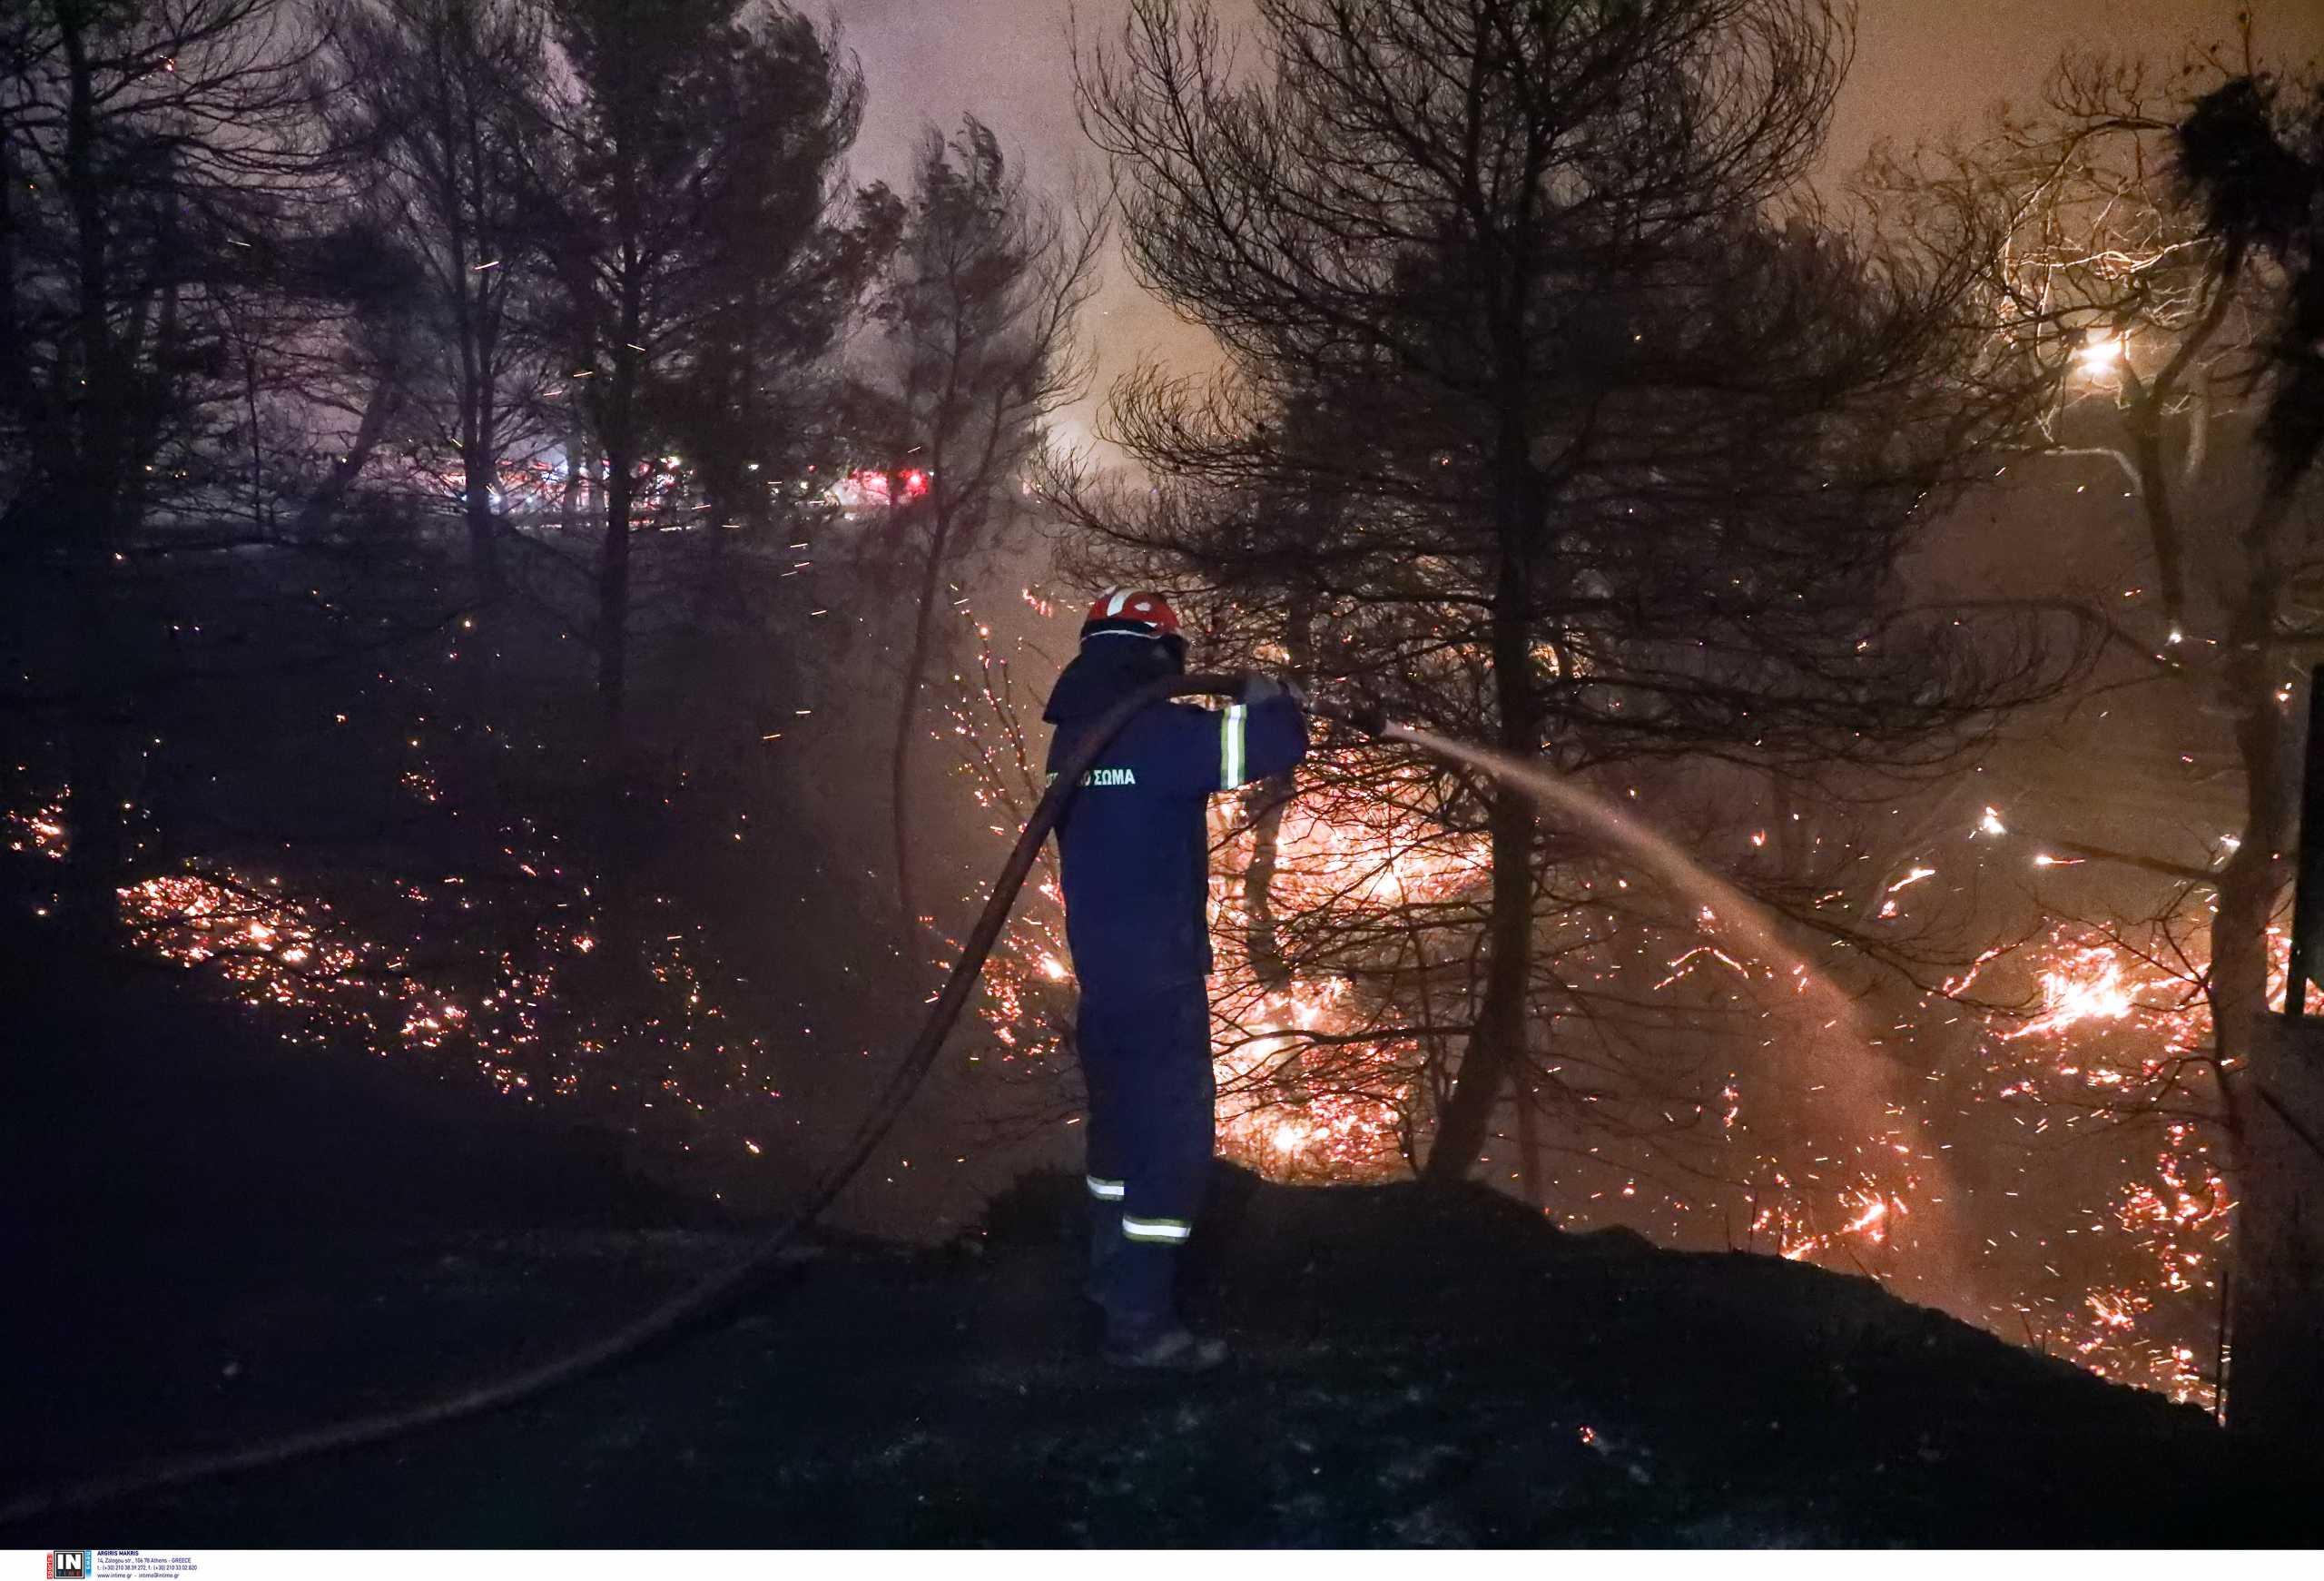 Ξεσπούν οι πυροσβέστες: «Εμείς κάνουμε το καθήκον μας, κάνετε κι εσείς το δικό σας»